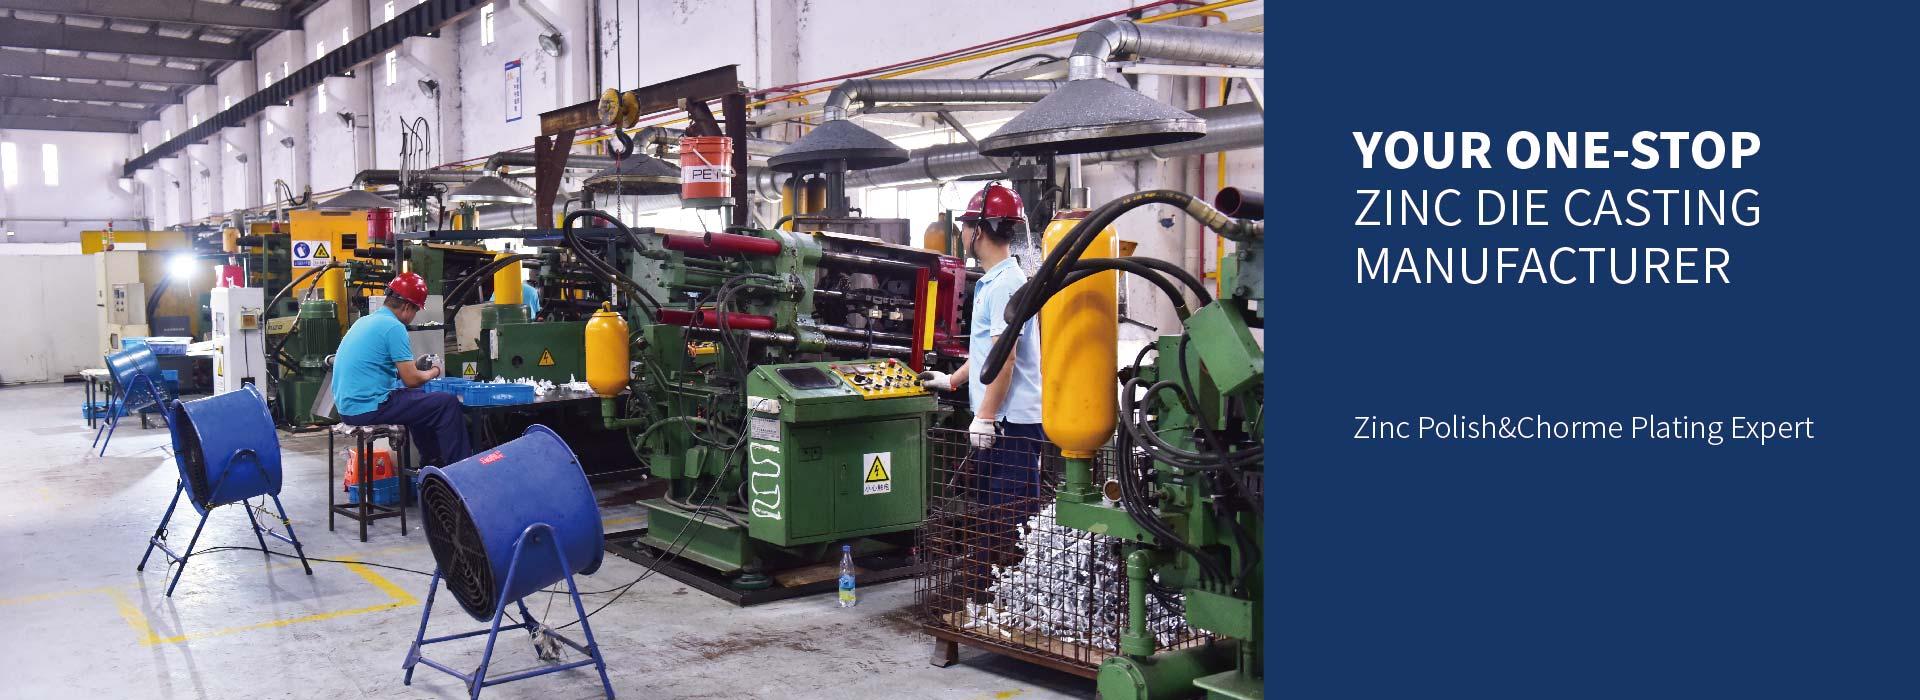 Zinc die casting manufacturer banner-01